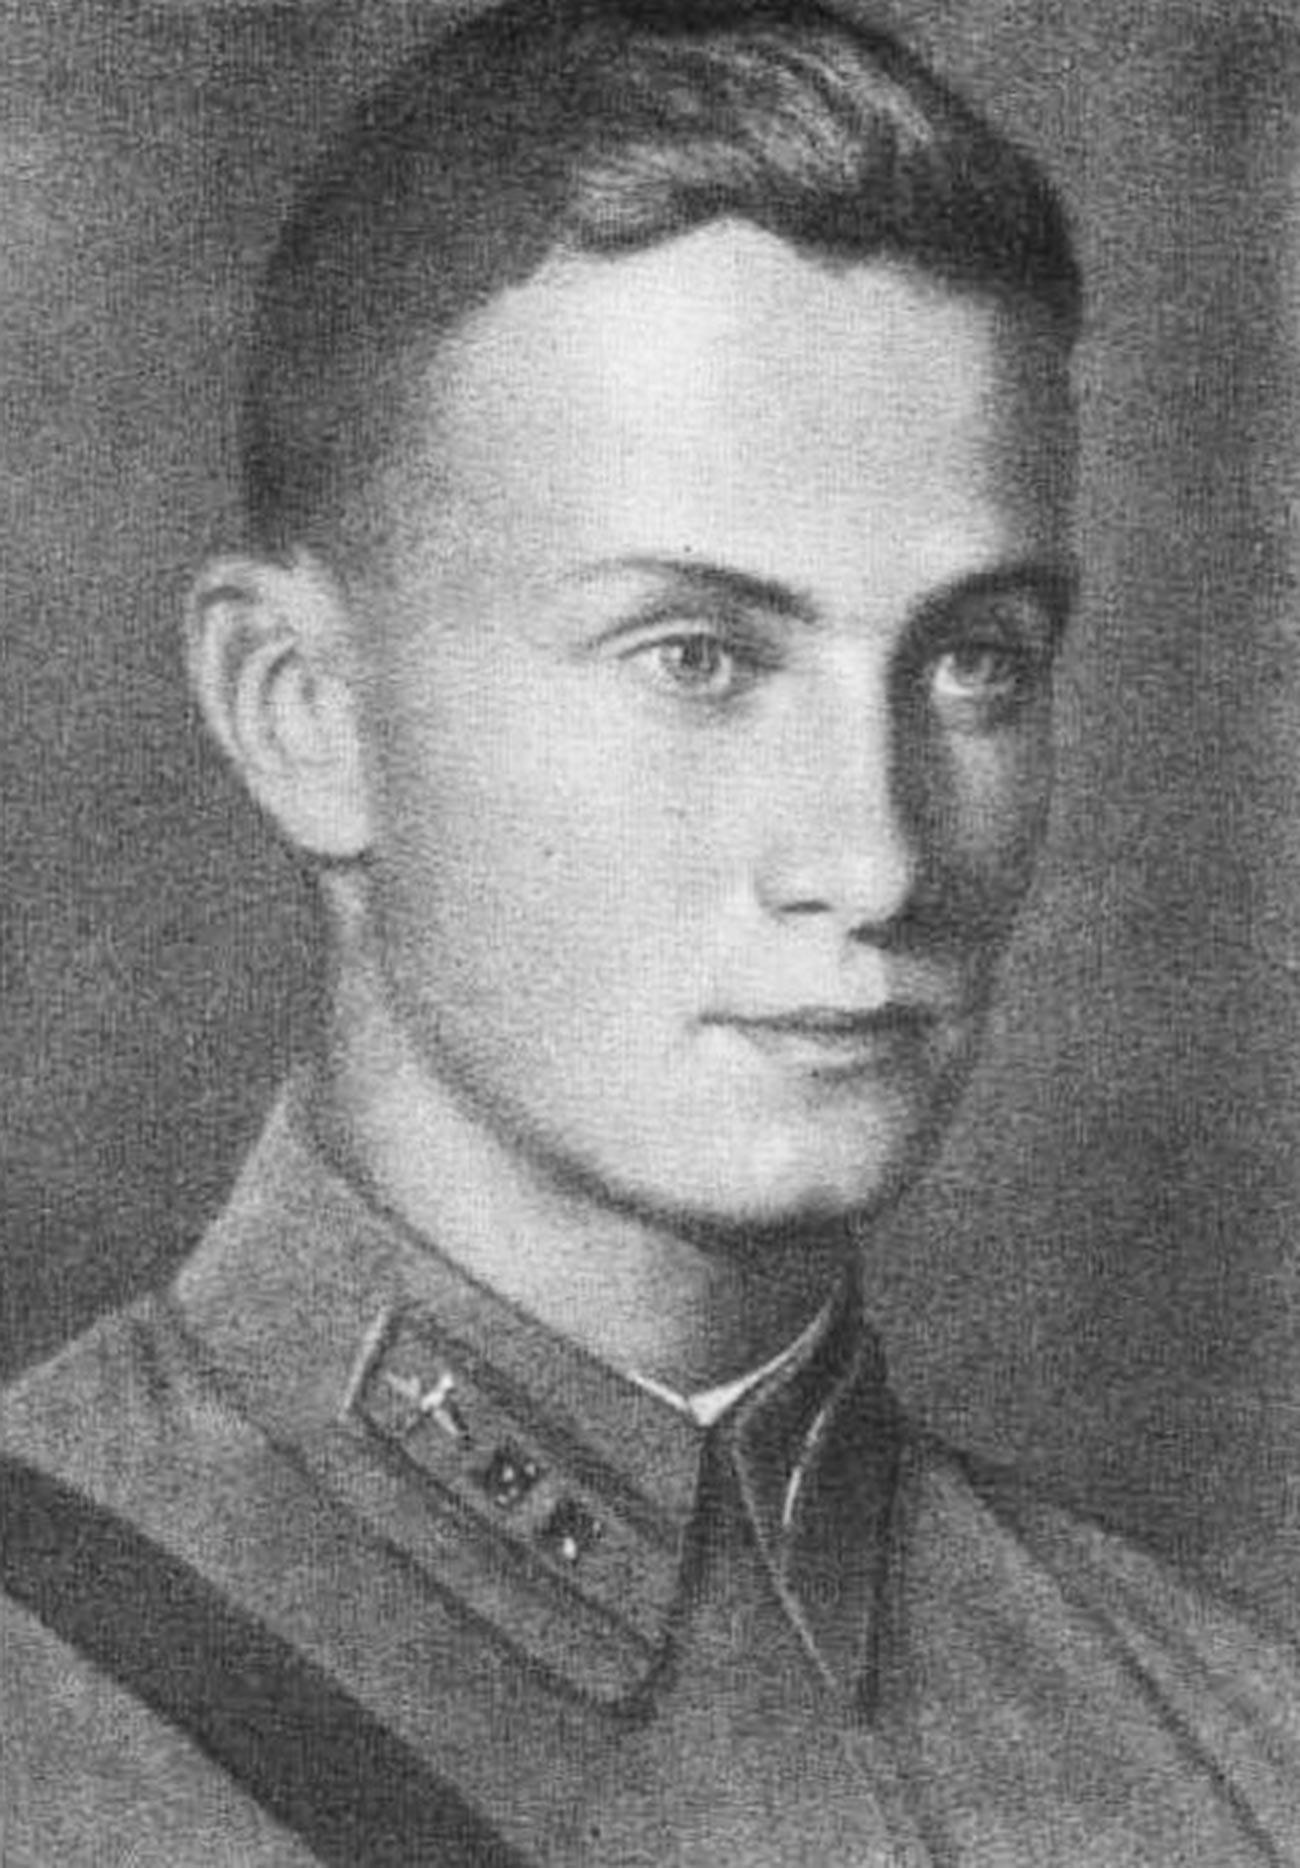 Херој Совјетског Савеза Тимур Фрунзе